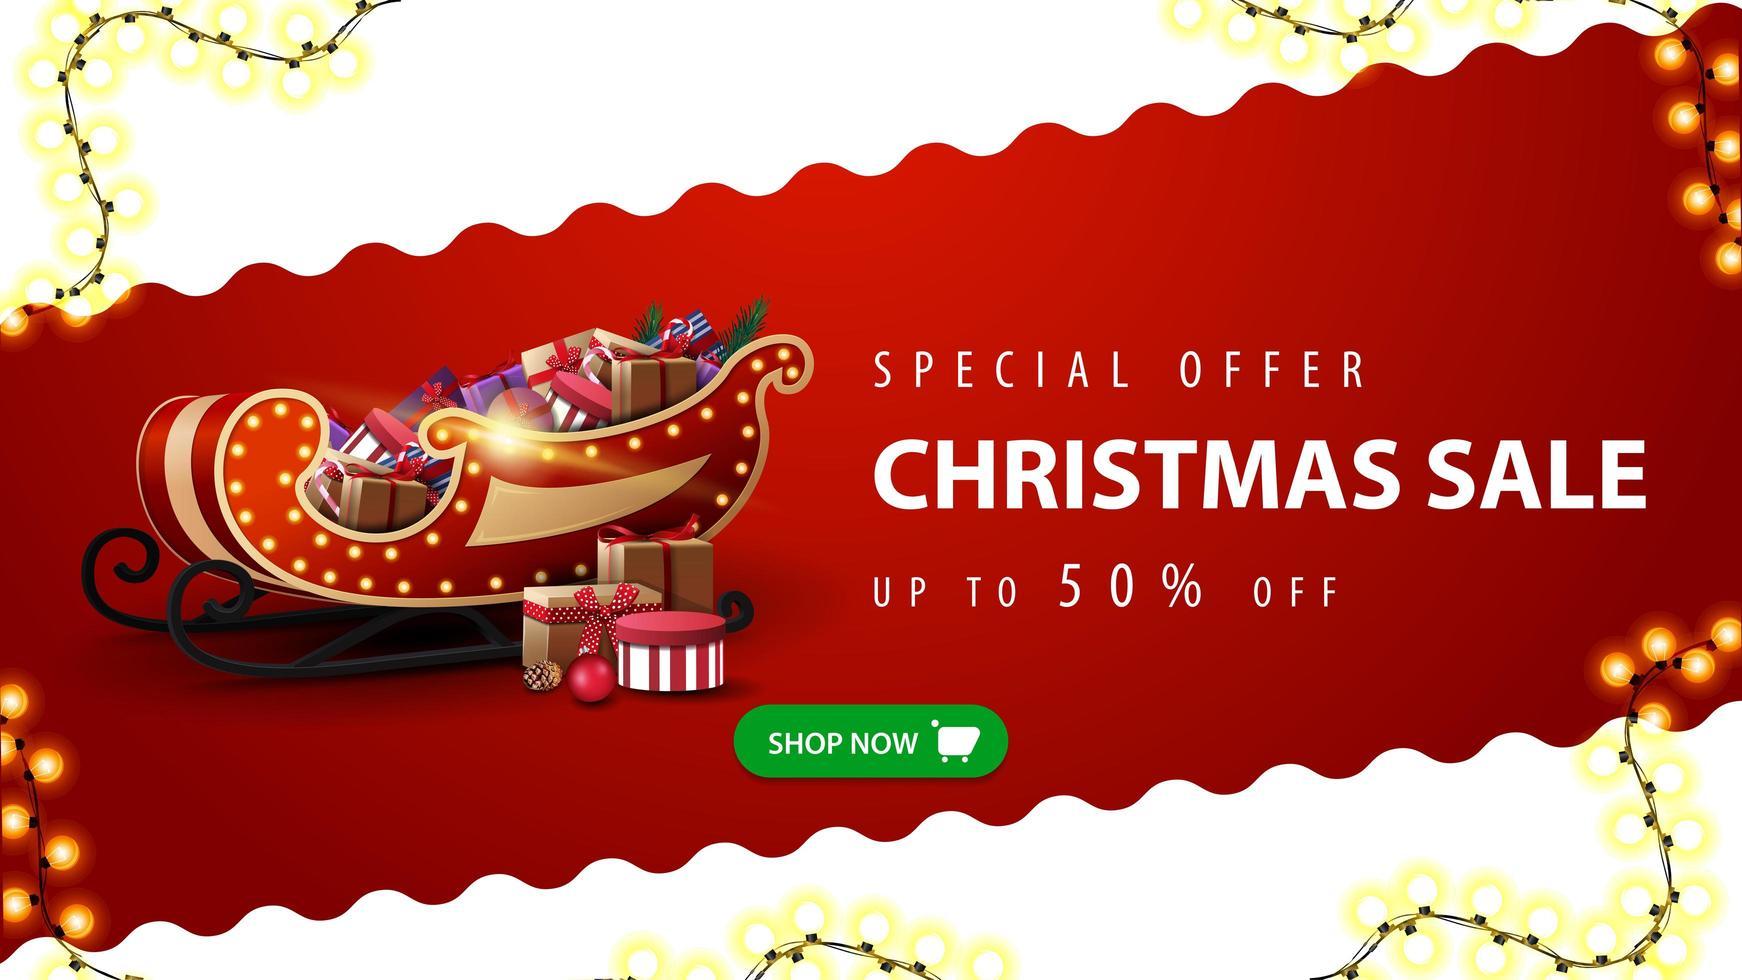 offre spéciale, vente de Noël, jusqu'à 50 rabais, bannière de réduction rouge et blanche avec ligne diagonale ondulée, bouton vert et traîneau du père Noël avec des cadeaux vecteur